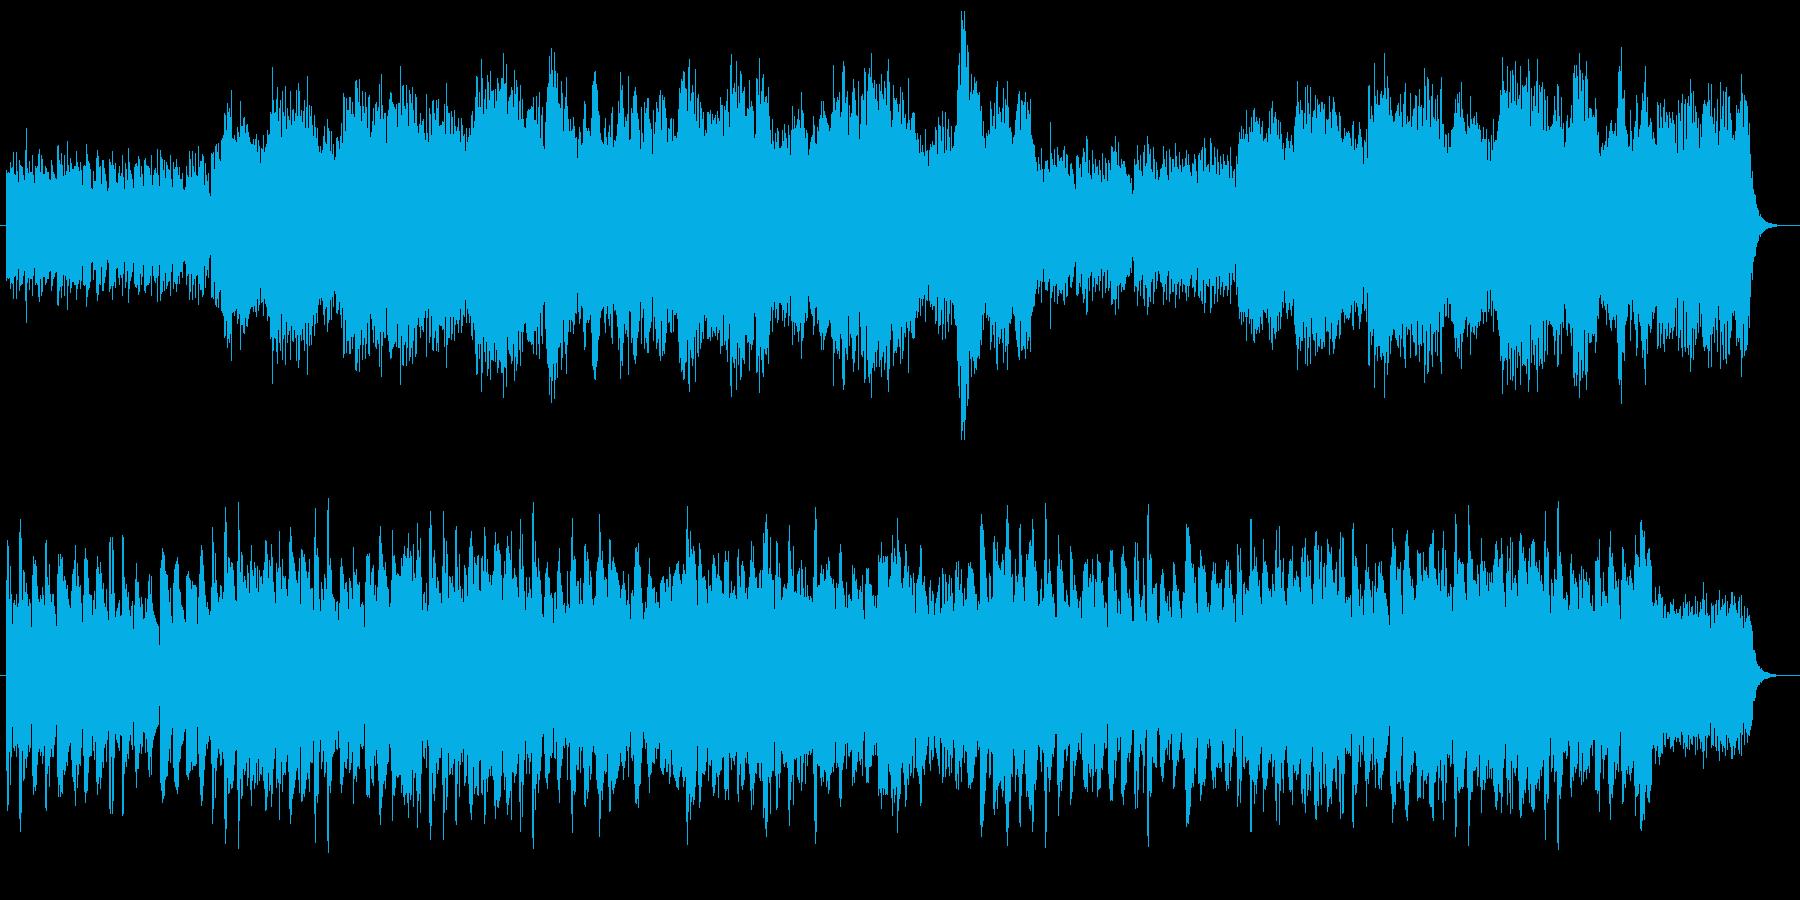 ミステリーのオープニングのイメージ。の再生済みの波形